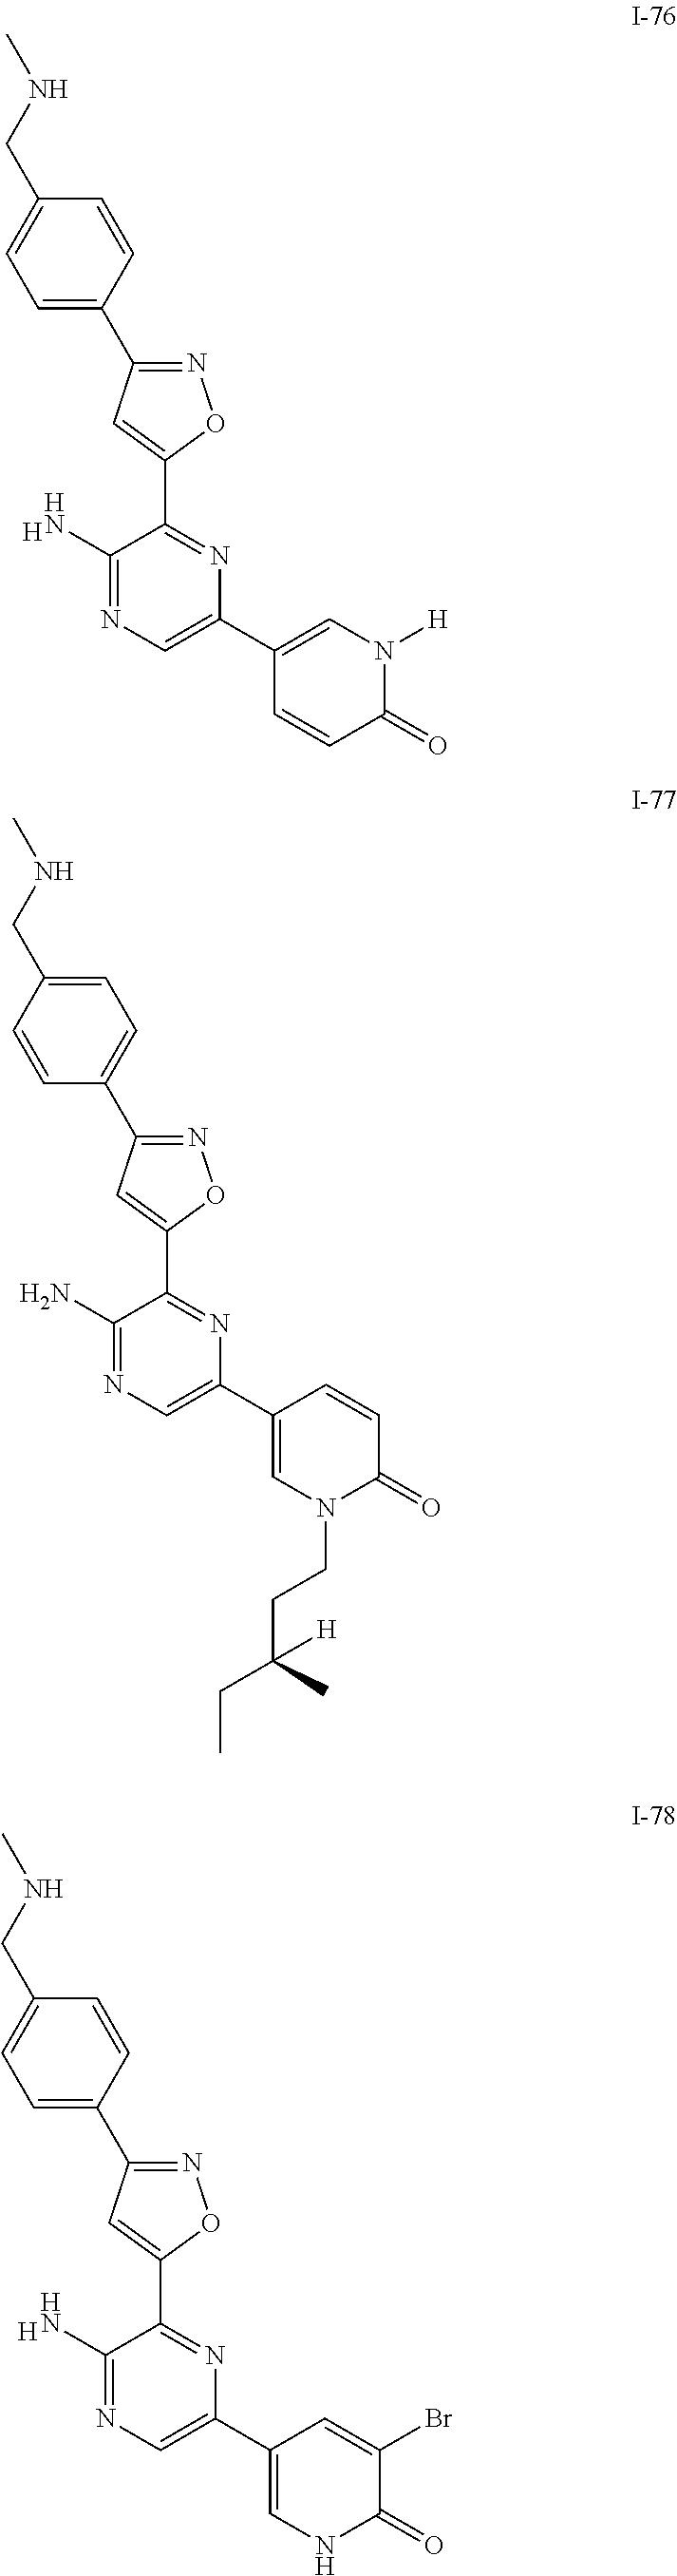 Figure US09630956-20170425-C00243